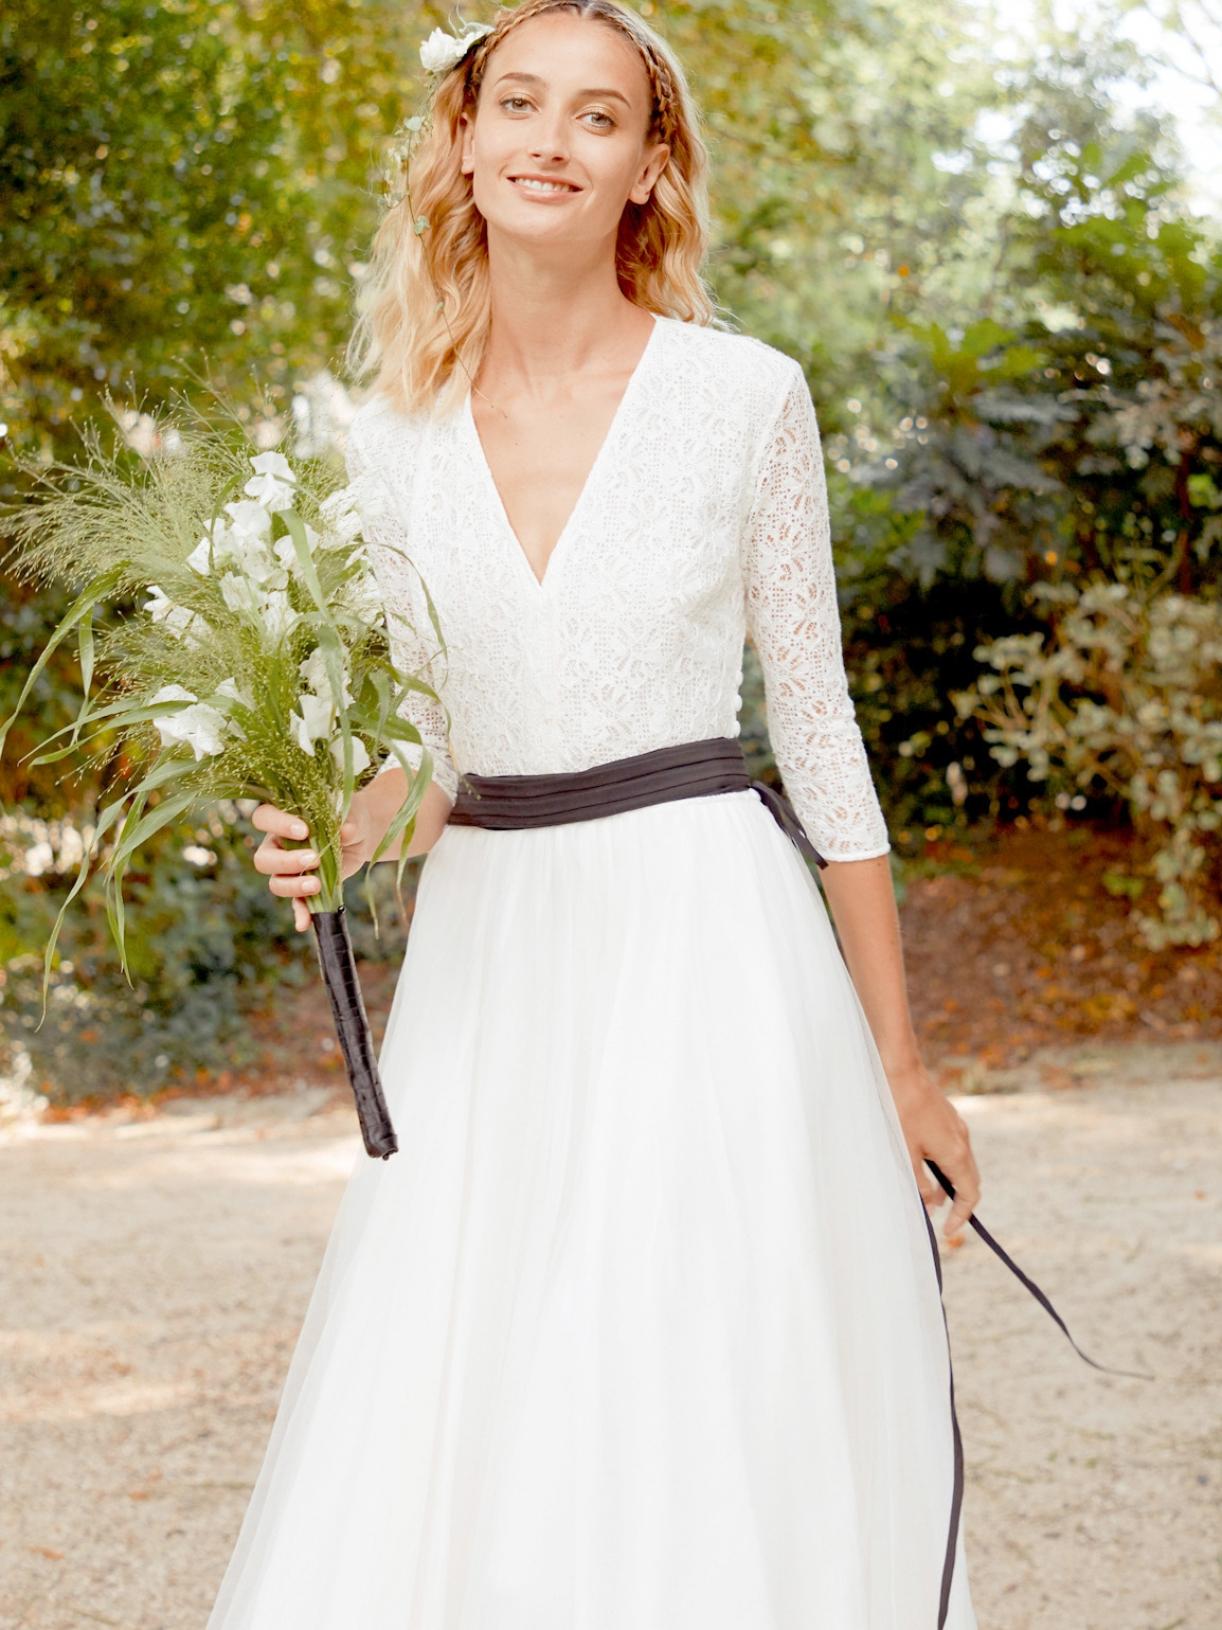 Margaux robe longue effet tutu ballerine  - Robe de mariée créateur et sur-mesure pas cher a Paris - Myphilosophy